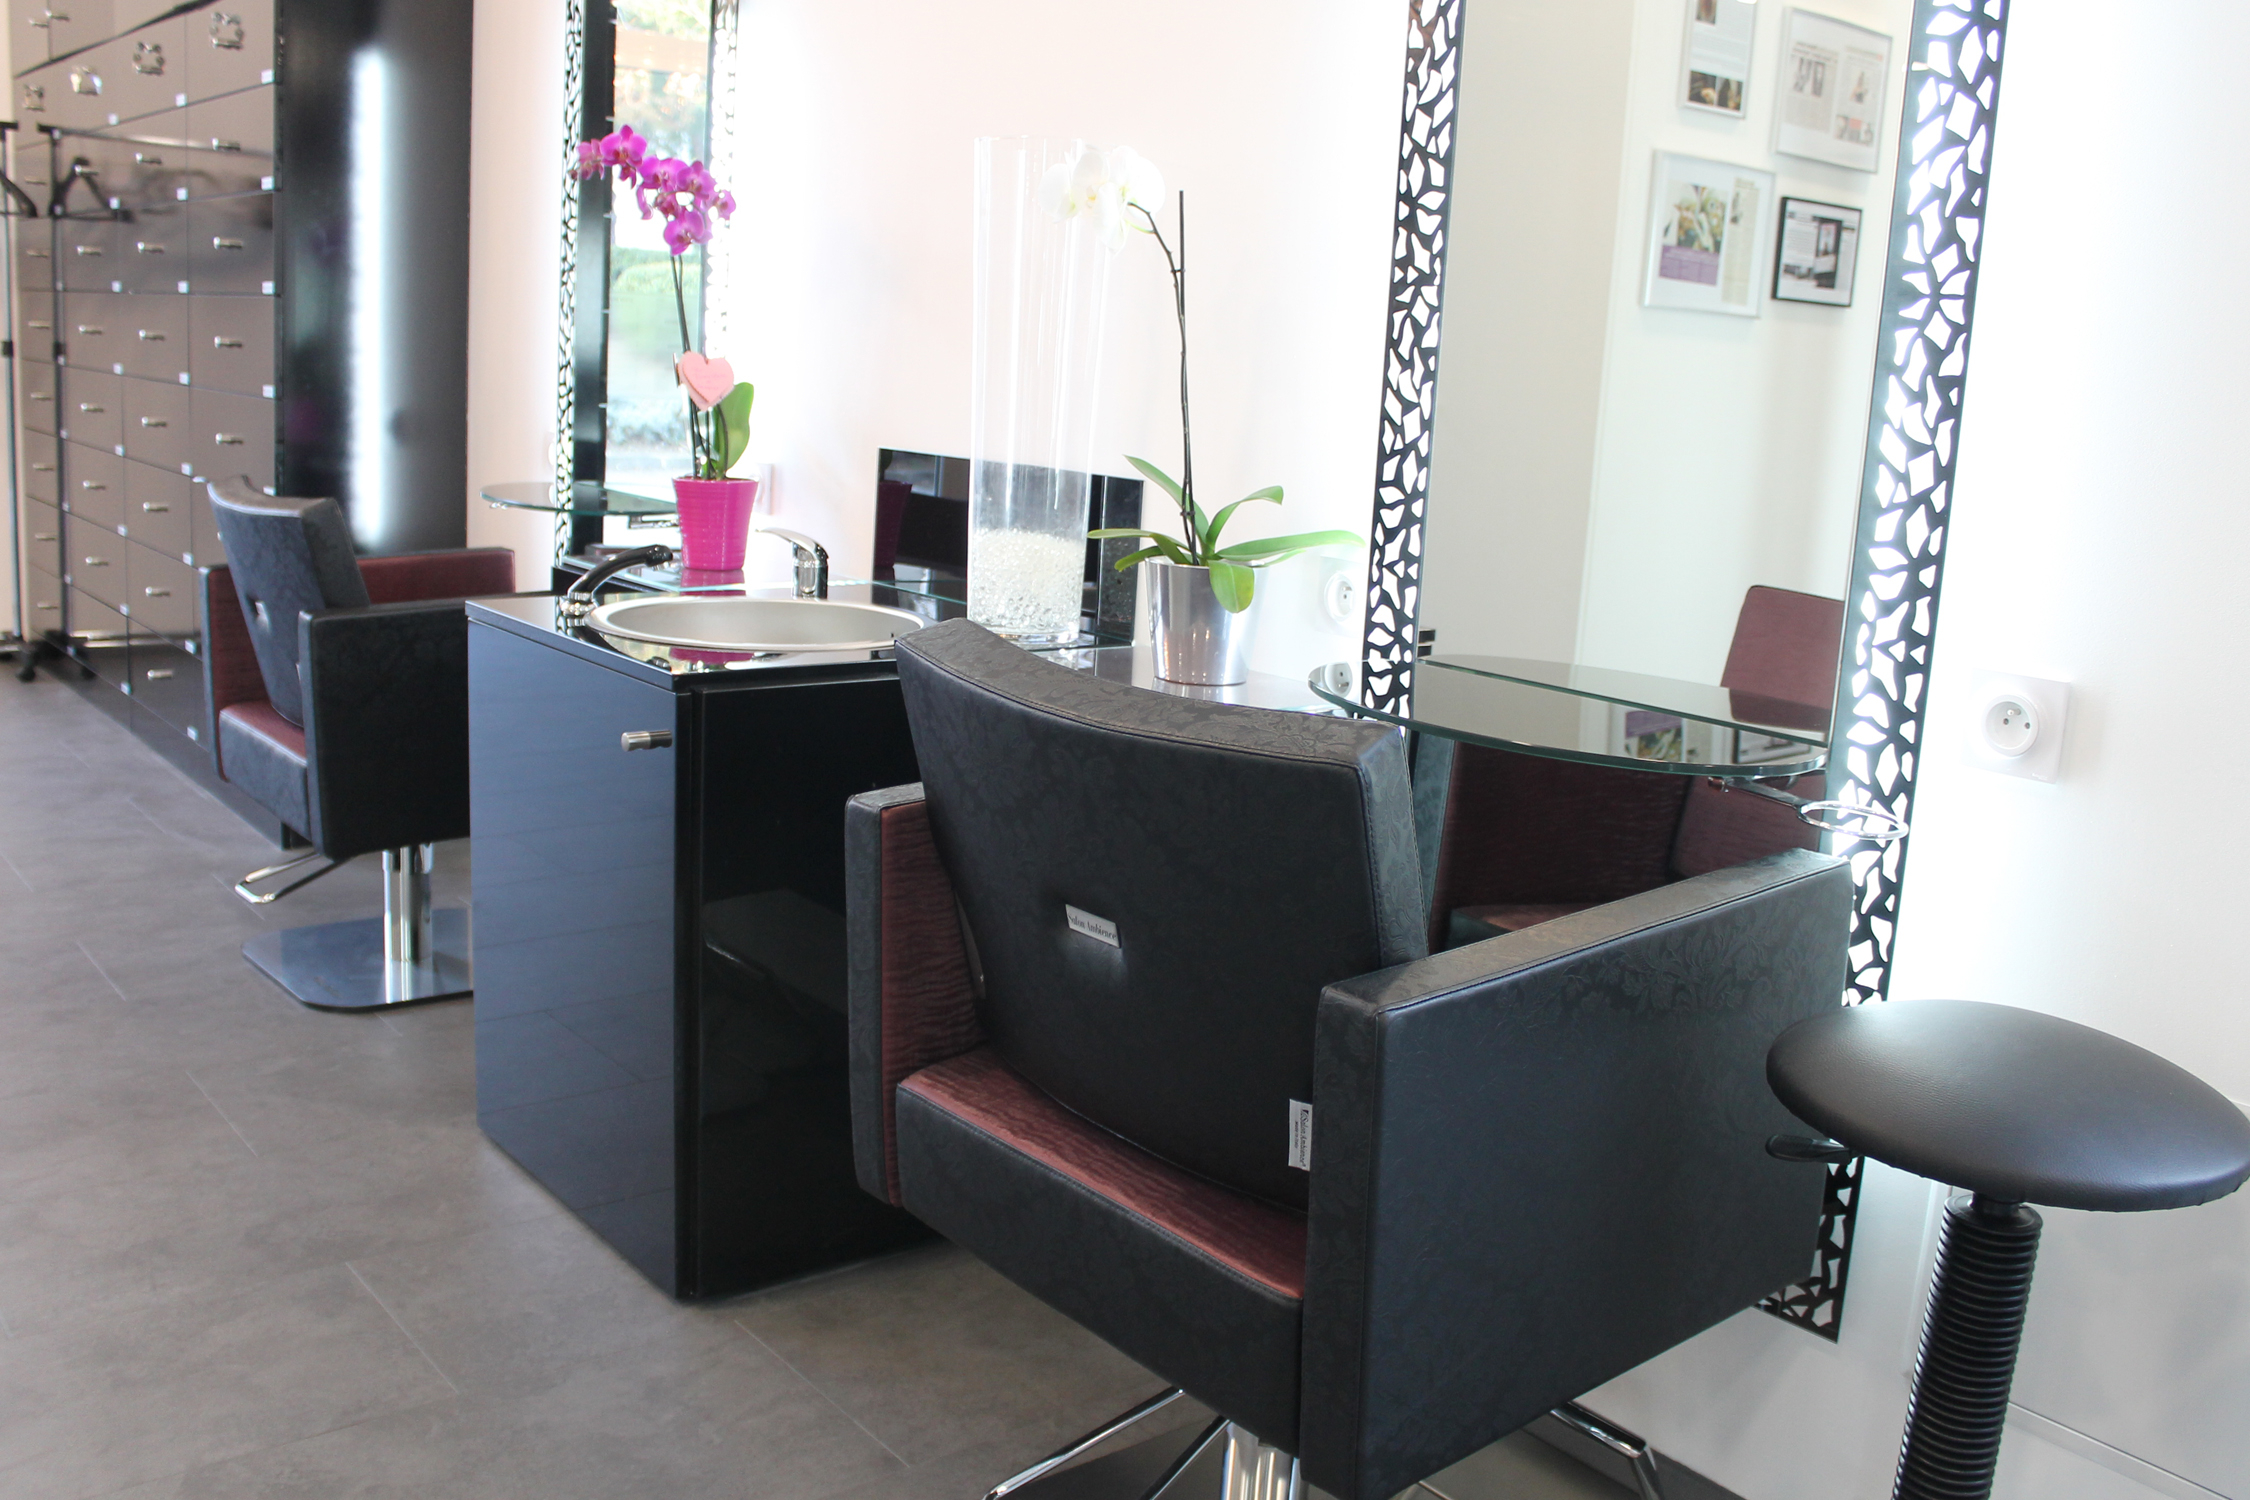 Salon de coiffure jacques dessange montpellier votre nouveau blog l gant la coupe de cheveux - Salon de coiffure afro montpellier ...